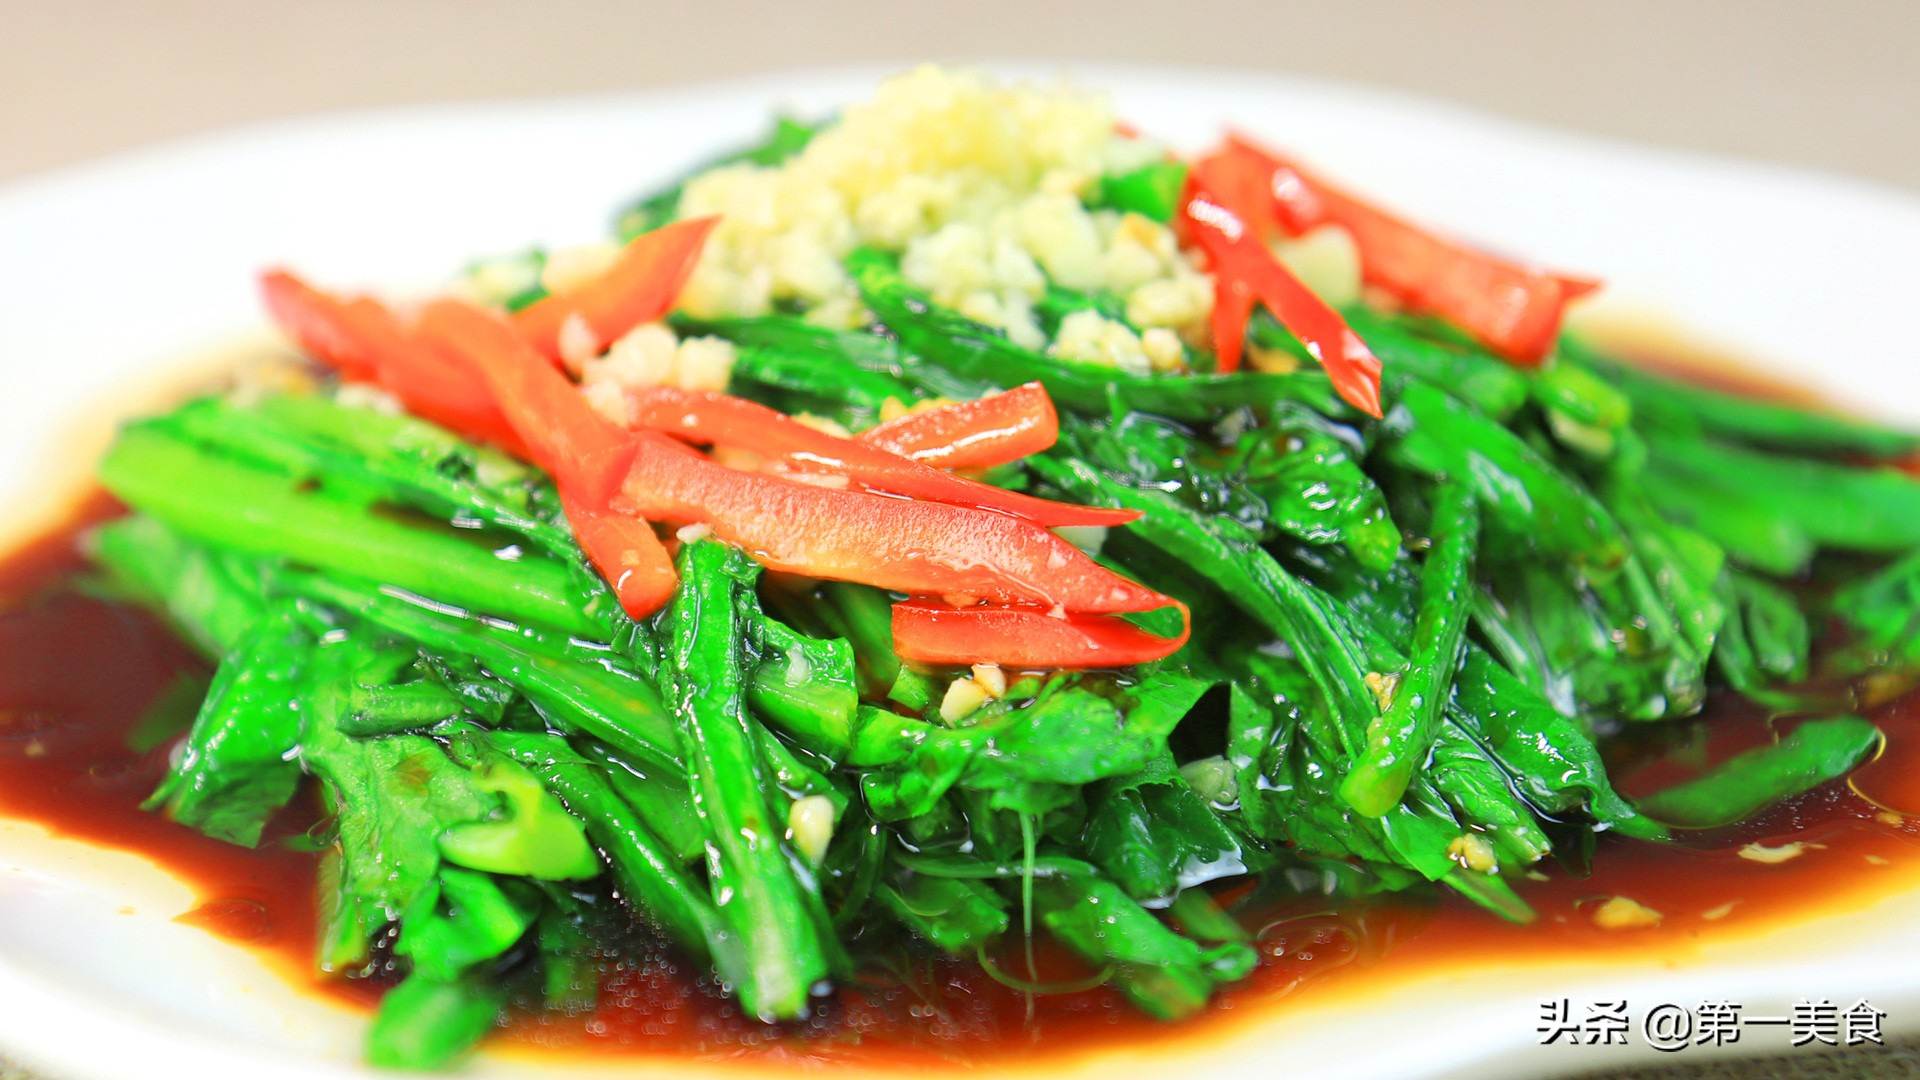 【蒜蓉油麦菜】做法步骤图 青翠不变色 鲜嫩入味